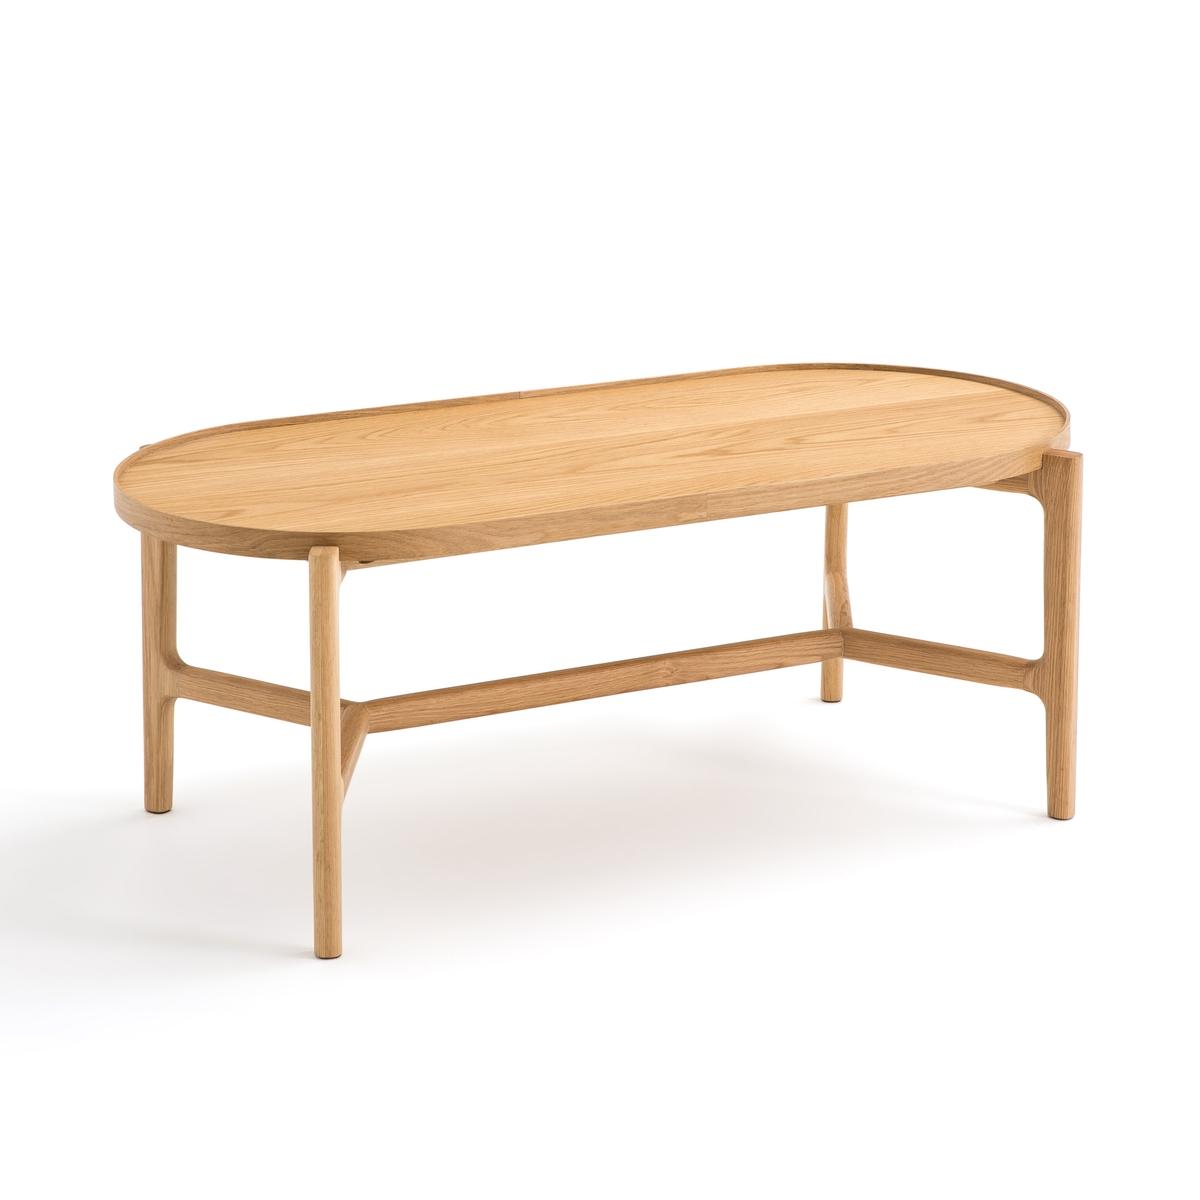 Стол La Redoute Журнальный из дуба Alyasa единый размер каштановый стол la redoute журнальный прямоугольный из массива дуба aranza единый размер каштановый